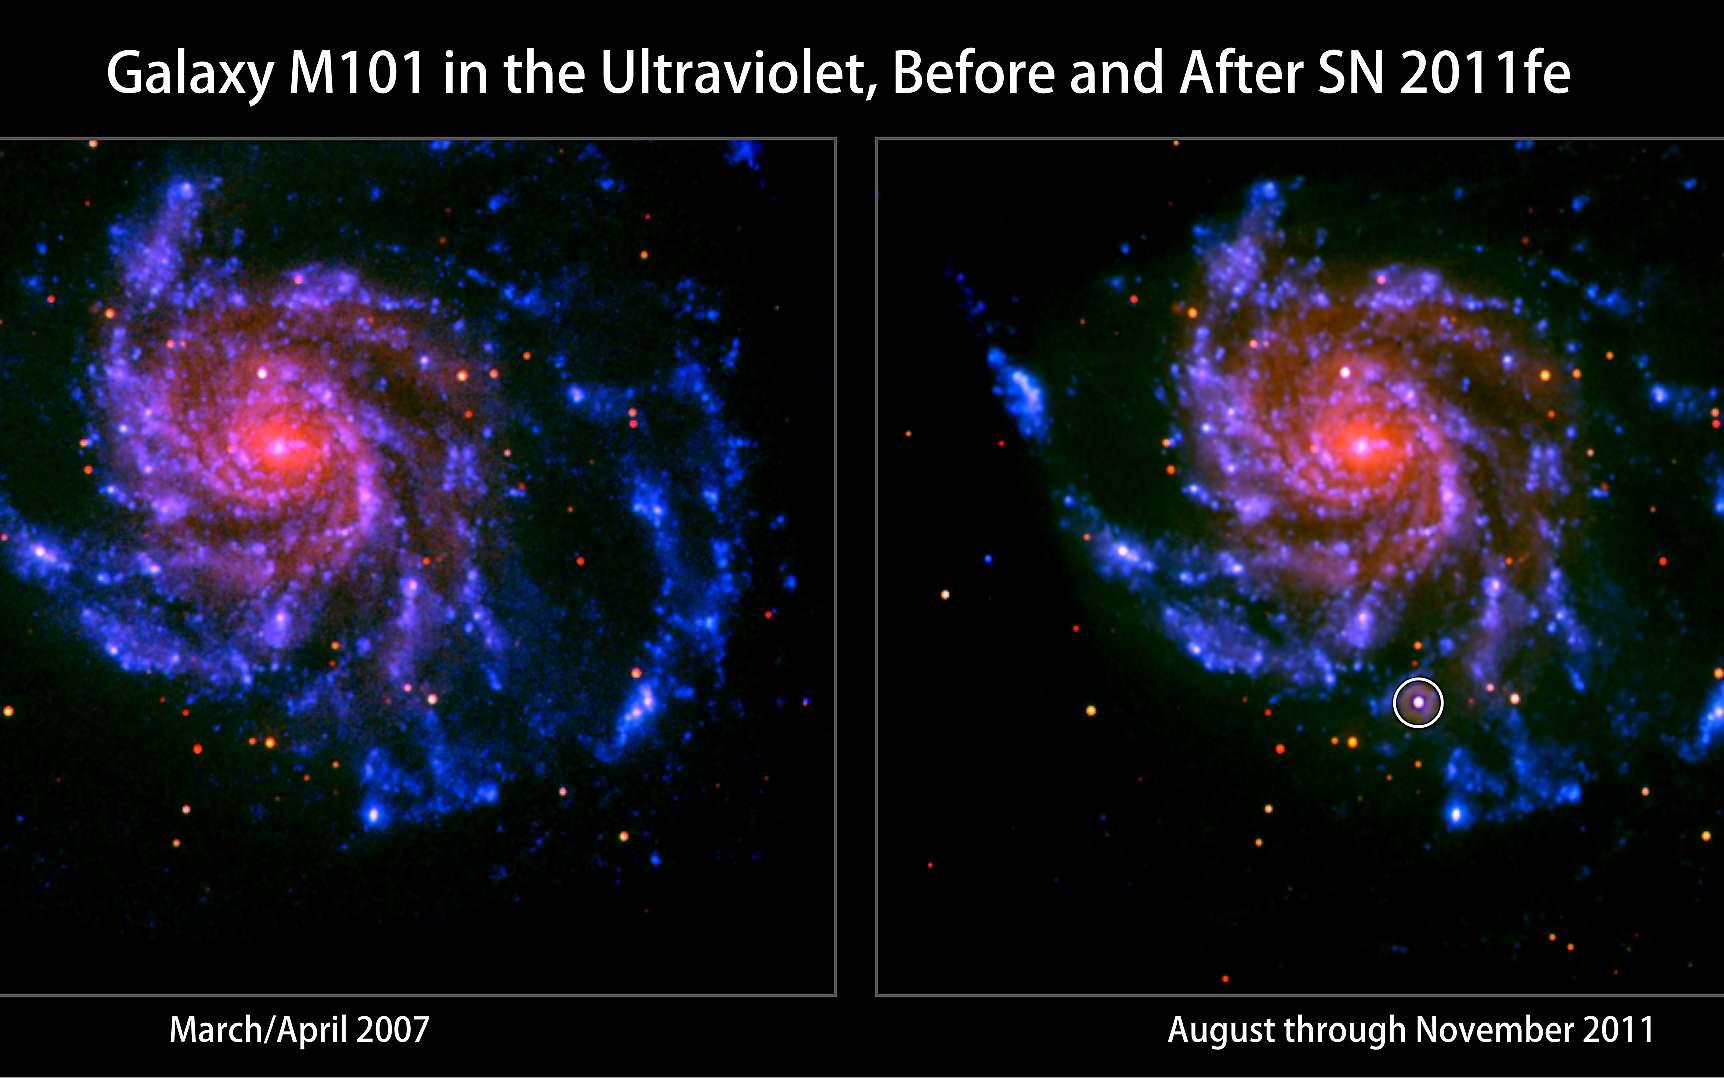 La galaxie spirale M101 observée en 2007 à gauche et en novembre 2011 à droite. La supernova SN 211 fe est visible en ultraviolet sous la forme d'une seule source ponctuelle. © Nasa/Swift/Peter Brown, Univ. of Utah